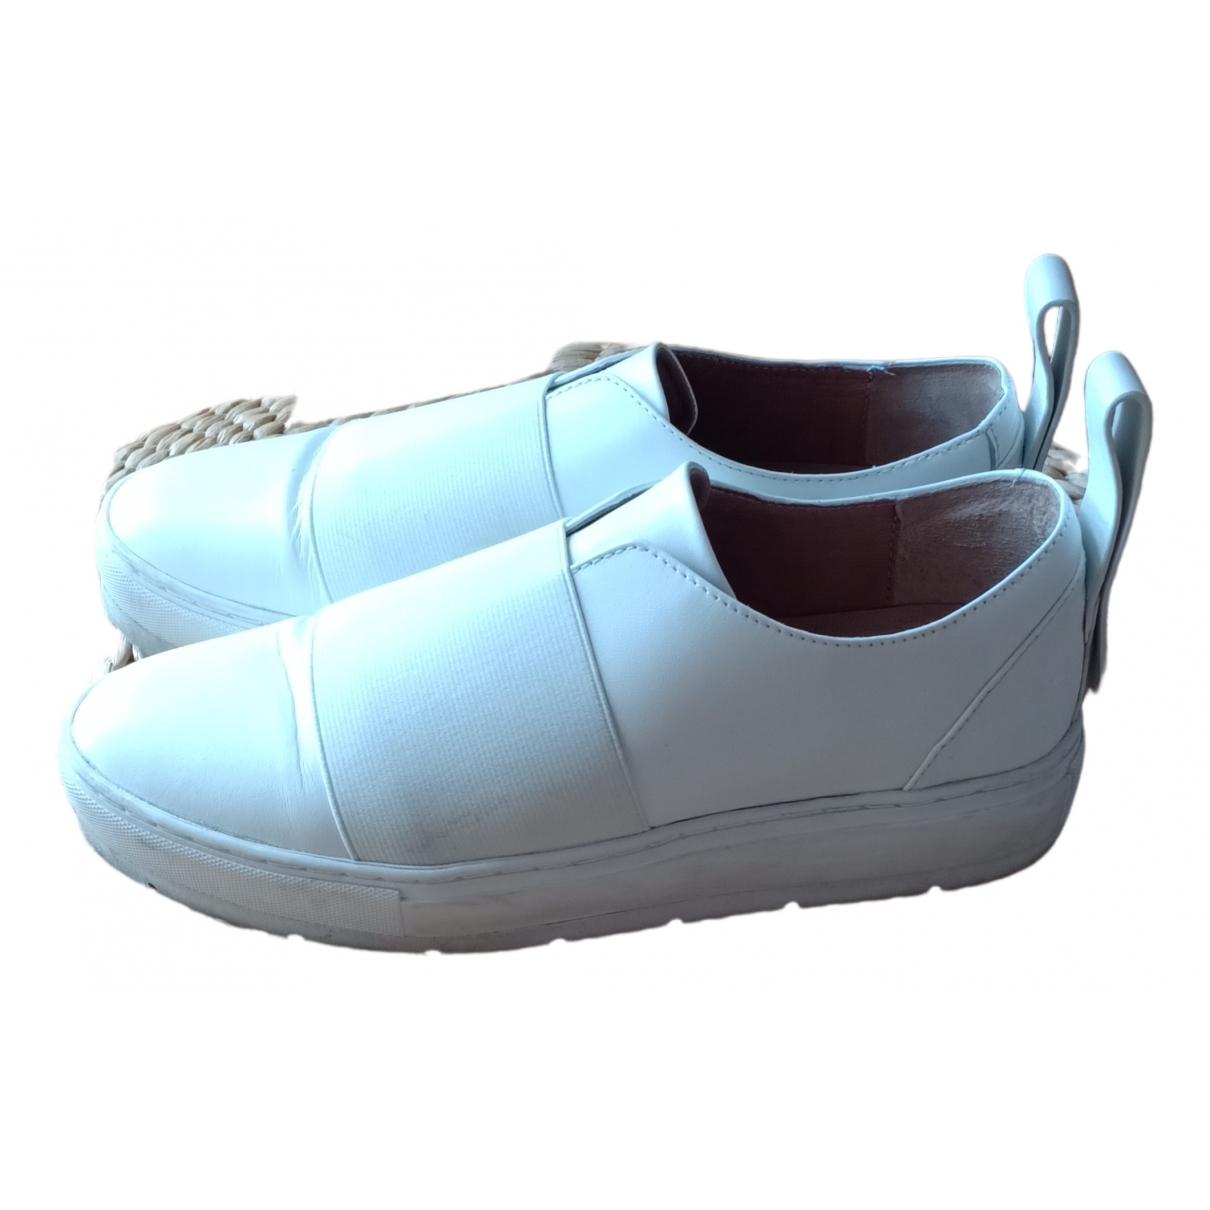 Jil Sander \N Sneakers in  Weiss Leder